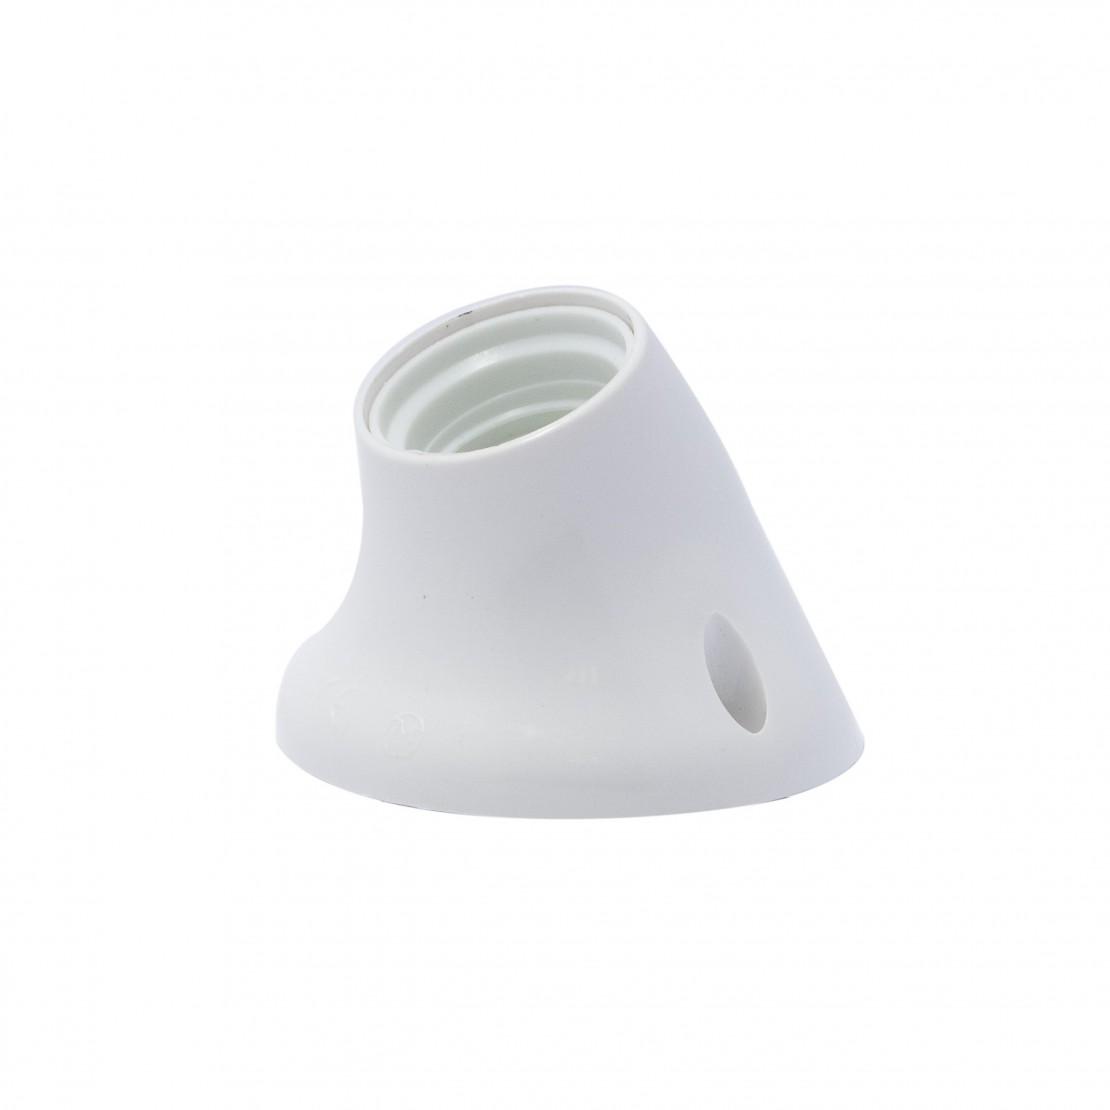 Aplique de parede inclinado branco - lâmpada E27